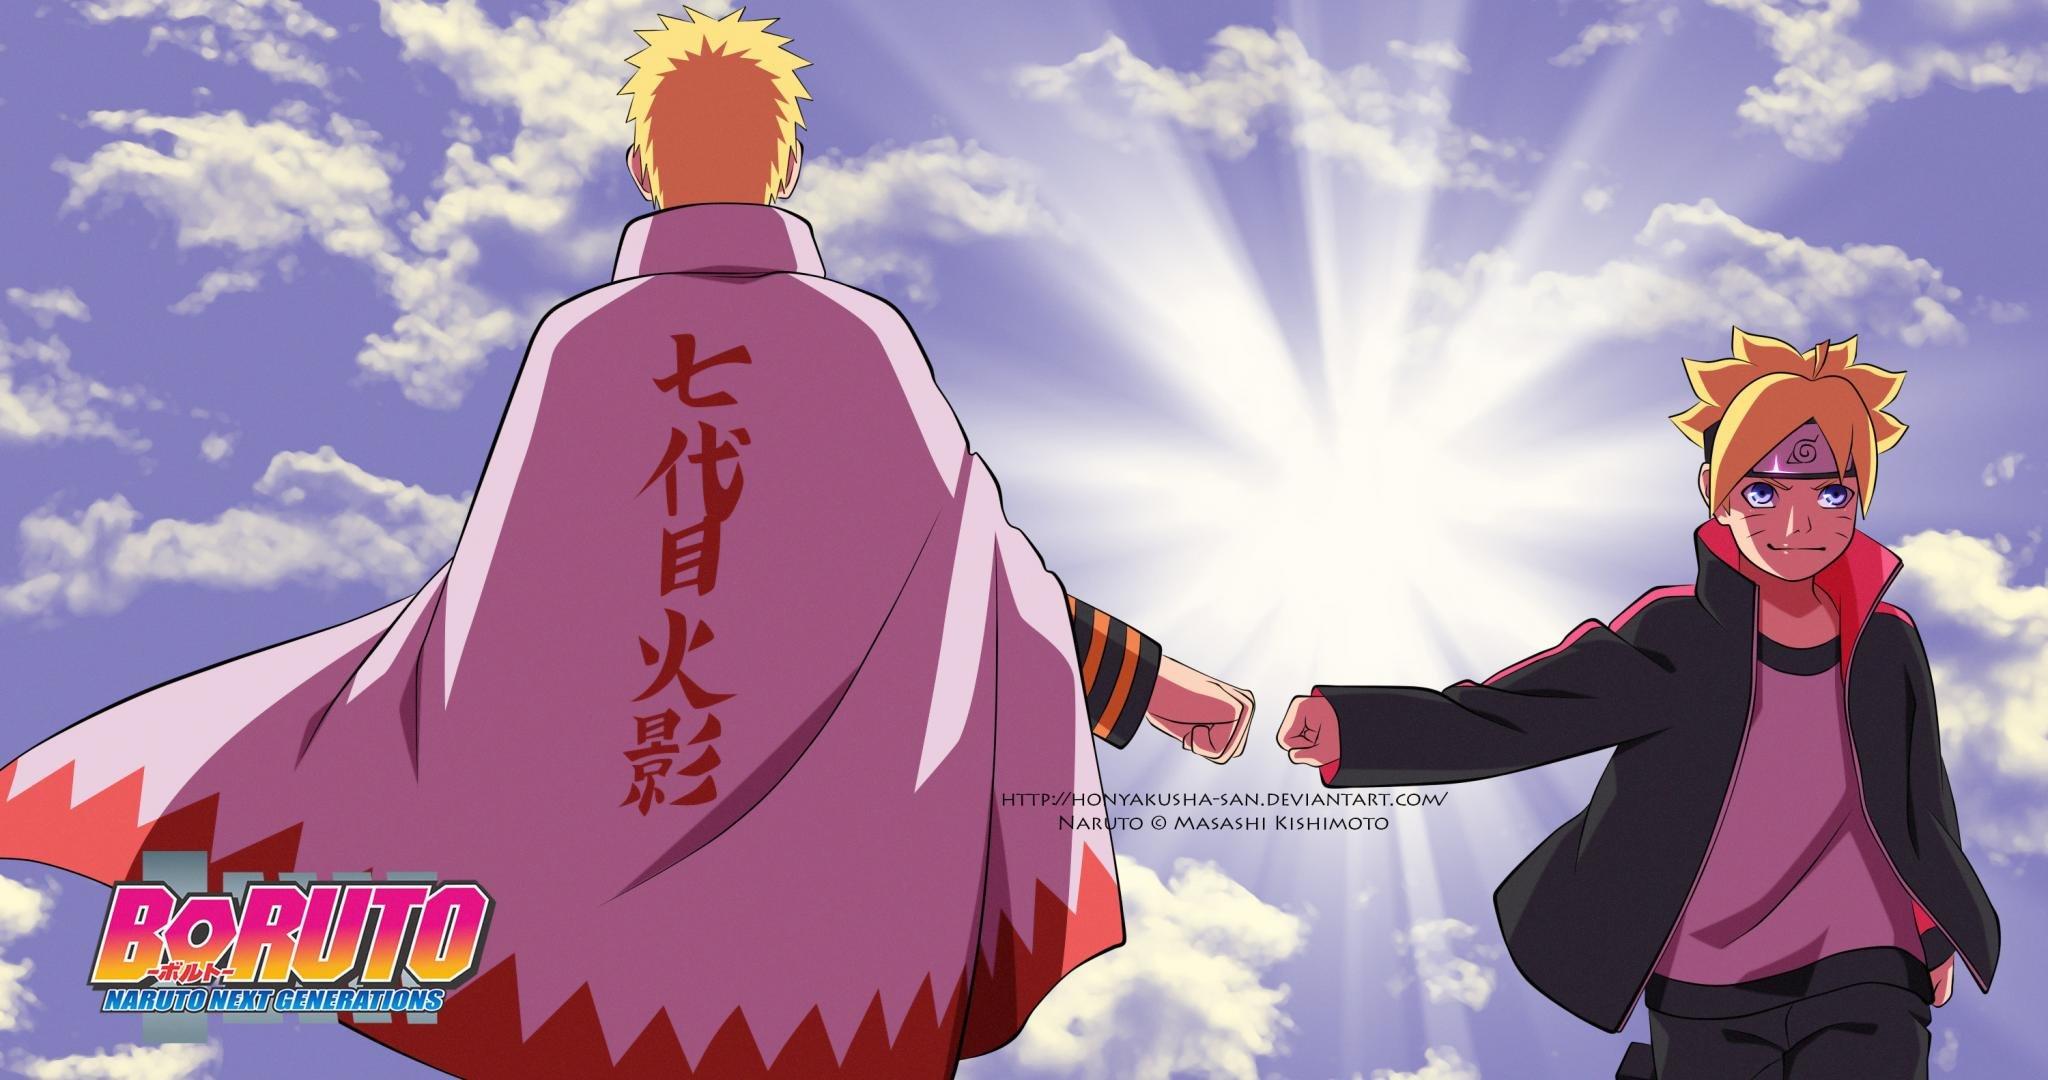 Boruto Naruto The Movie Anime Wallpaper 42997040 Fanpop